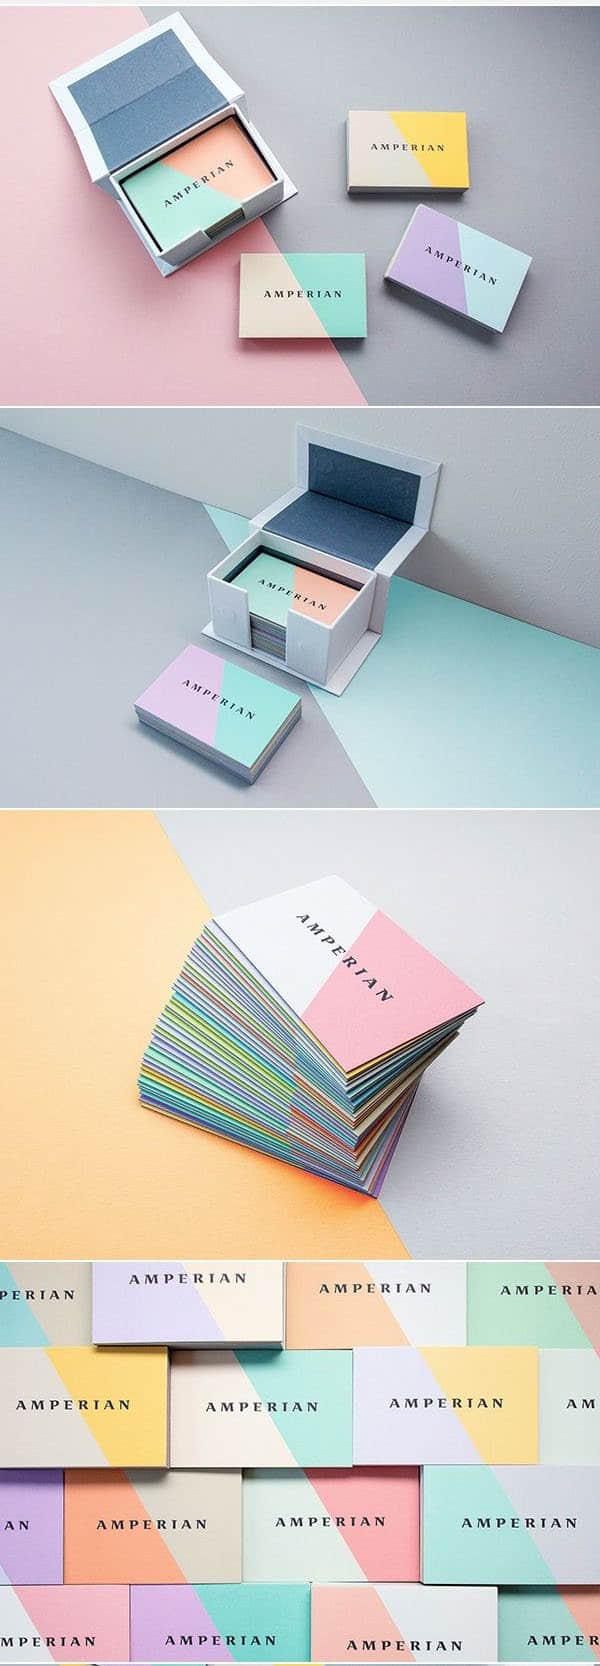 """22条""""简洁设计""""的终极原则条例 设计方案 设计思路 设计原则 简洁设计  ruanjian jiaocheng"""